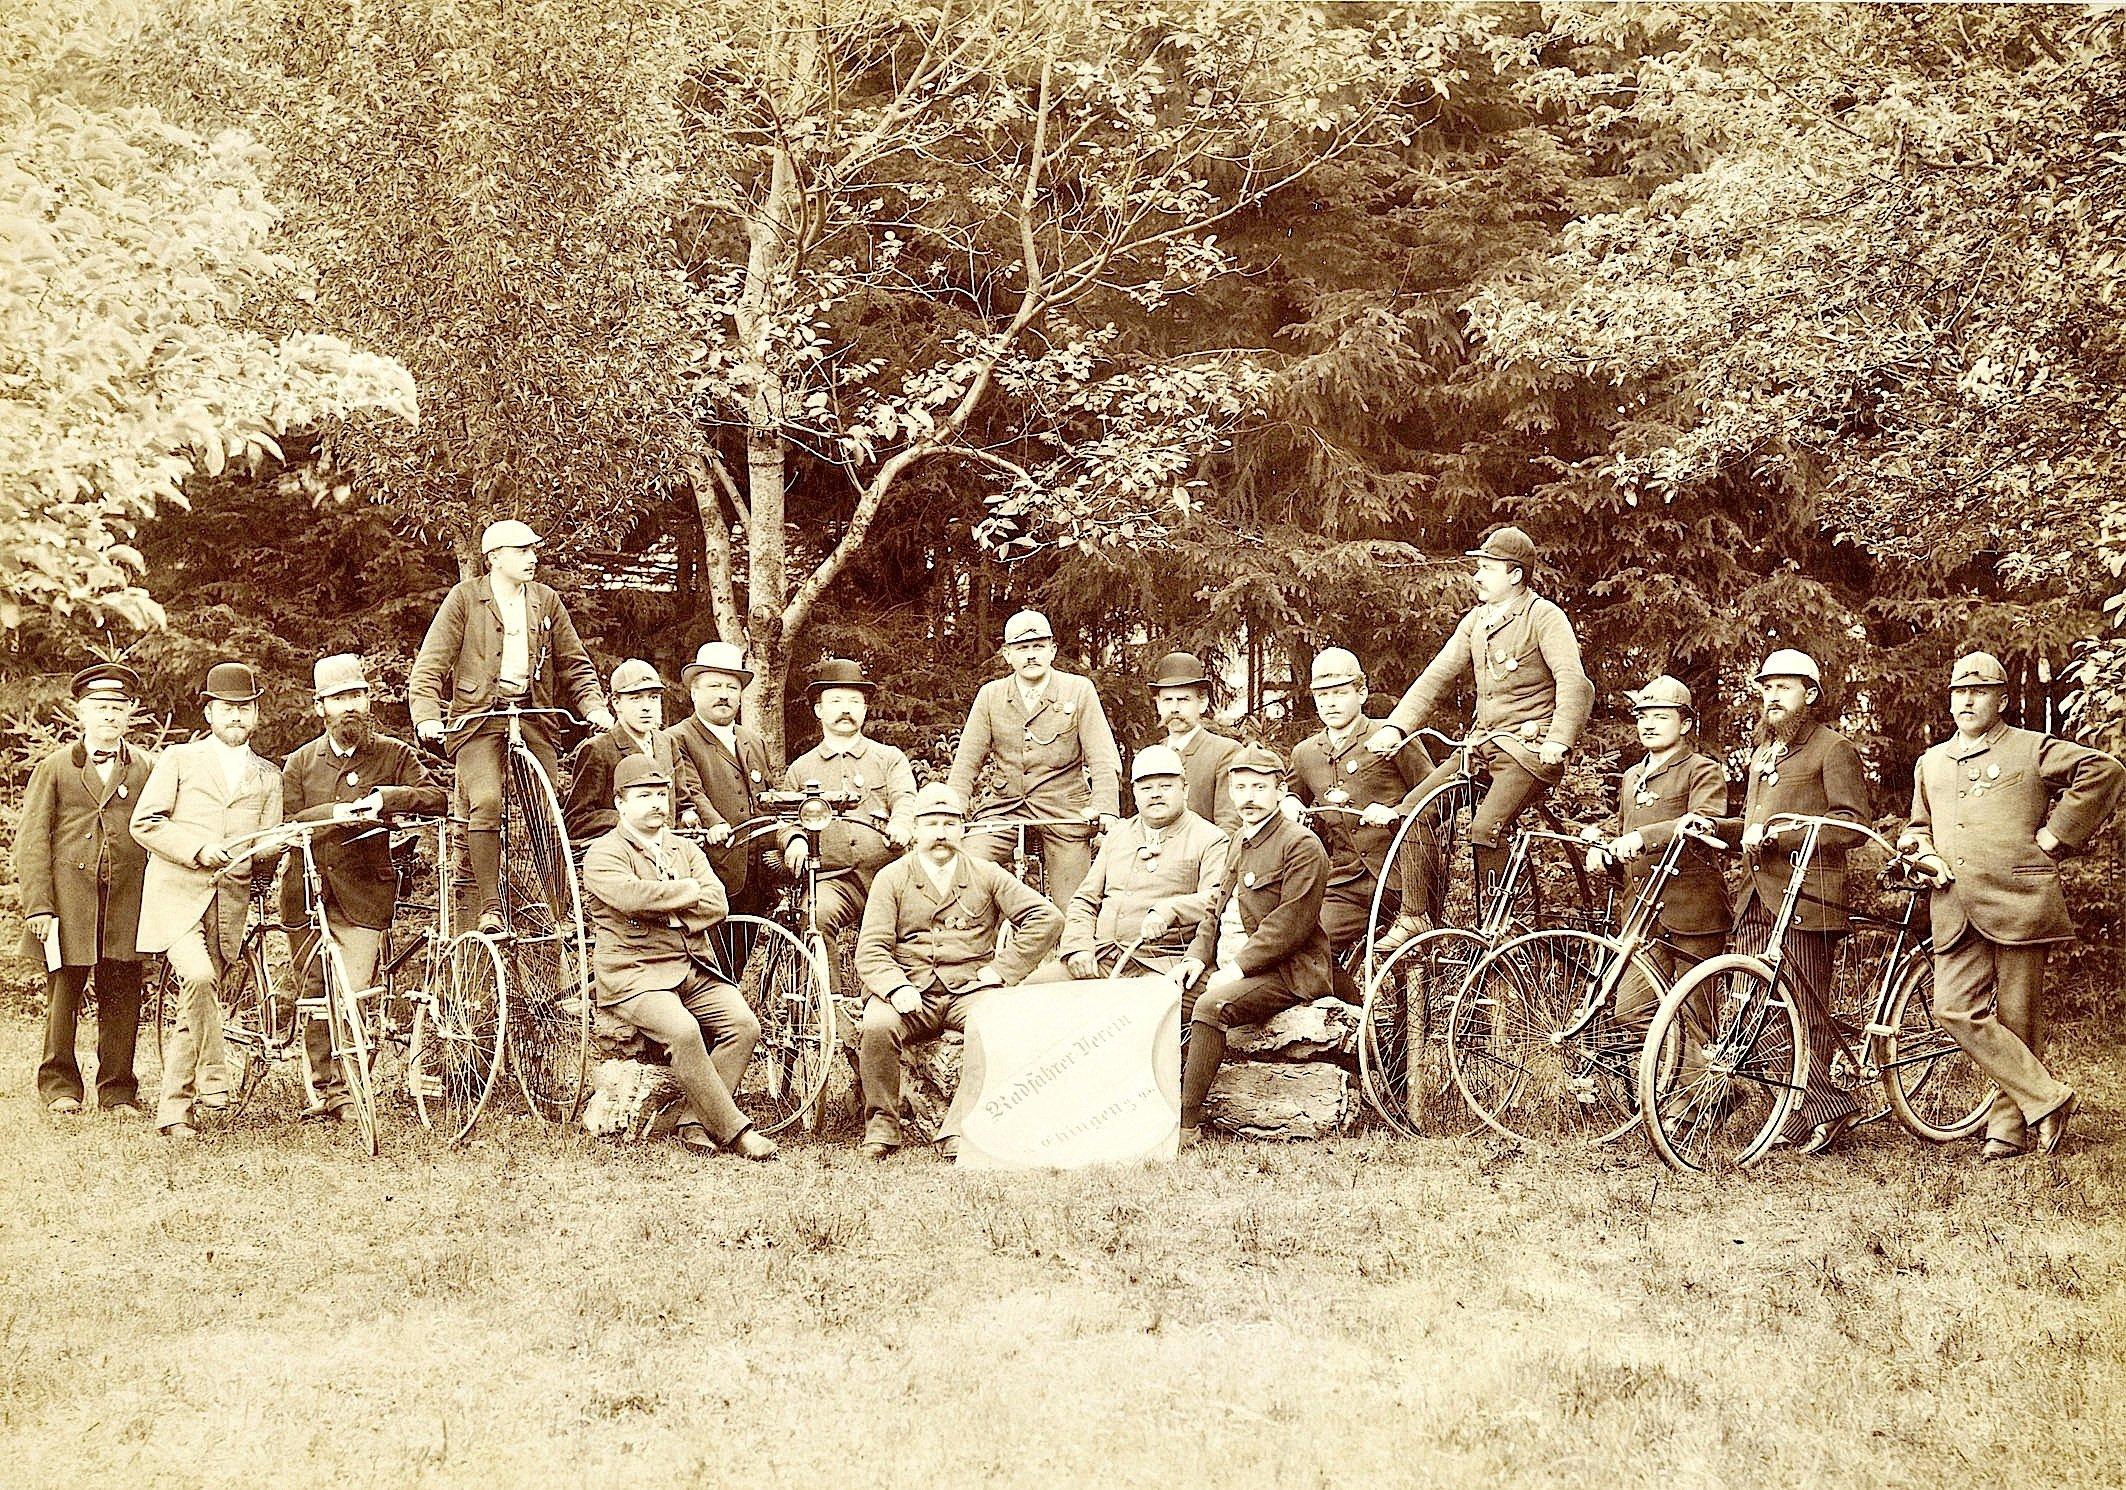 Gruppenfoto des Radfahrer-Vereins Ehingen aus dem Jahr 1895, bei dem die ausschließlich männlichen Mitglieder mit Hoch- und Niederrädern posieren.